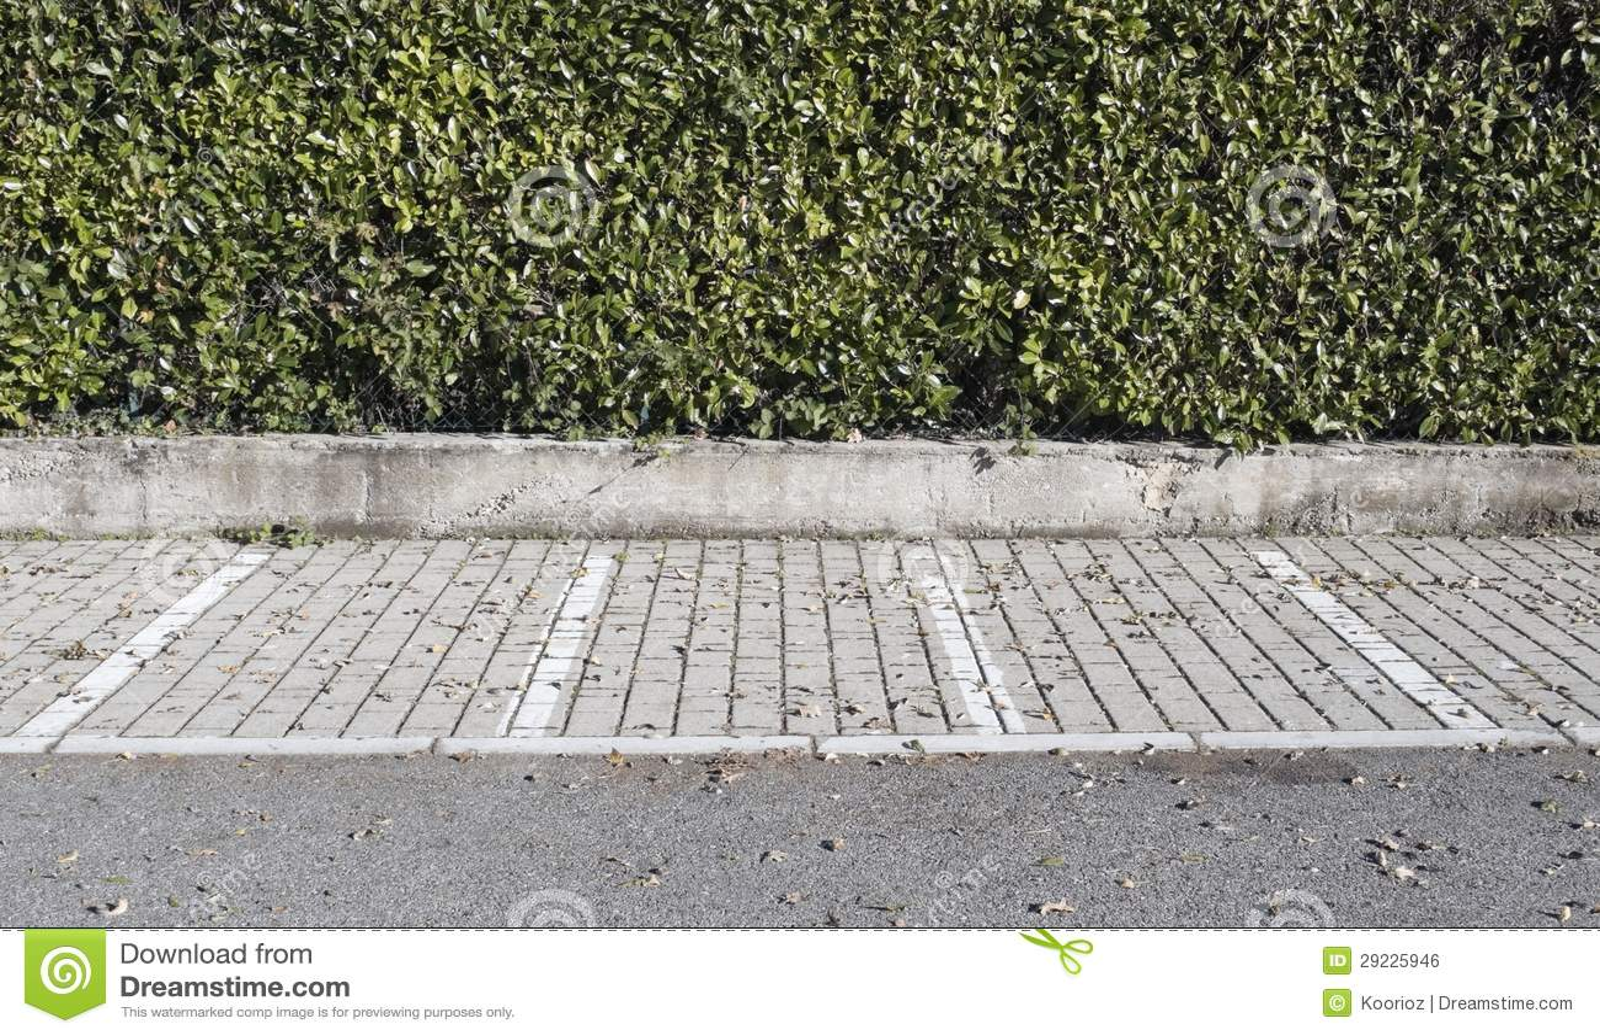 Download Parque de estacionamento foto de stock. Imagem de folhas - 29225946